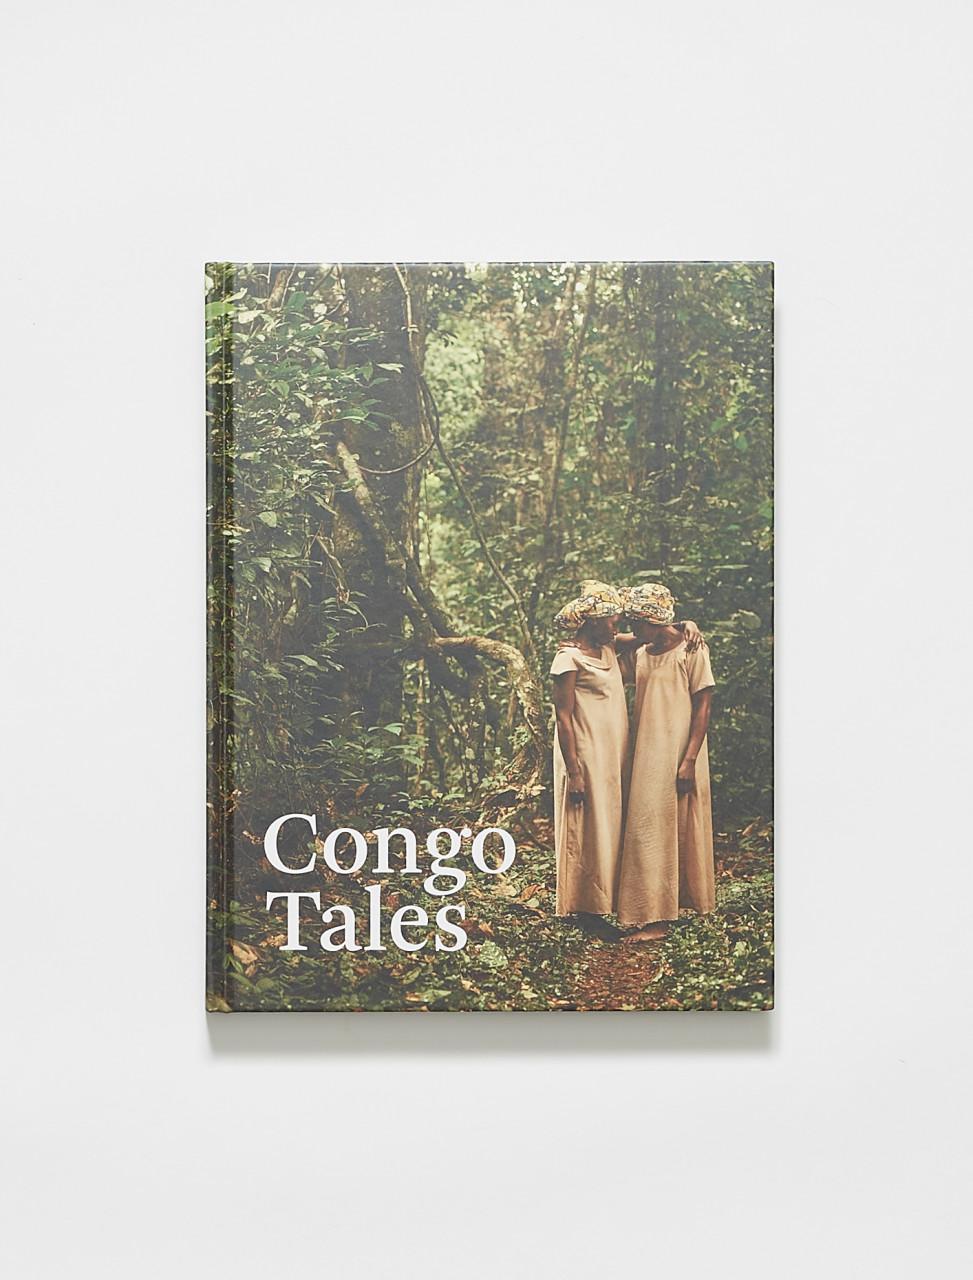 9783791357898 CONGO TALES